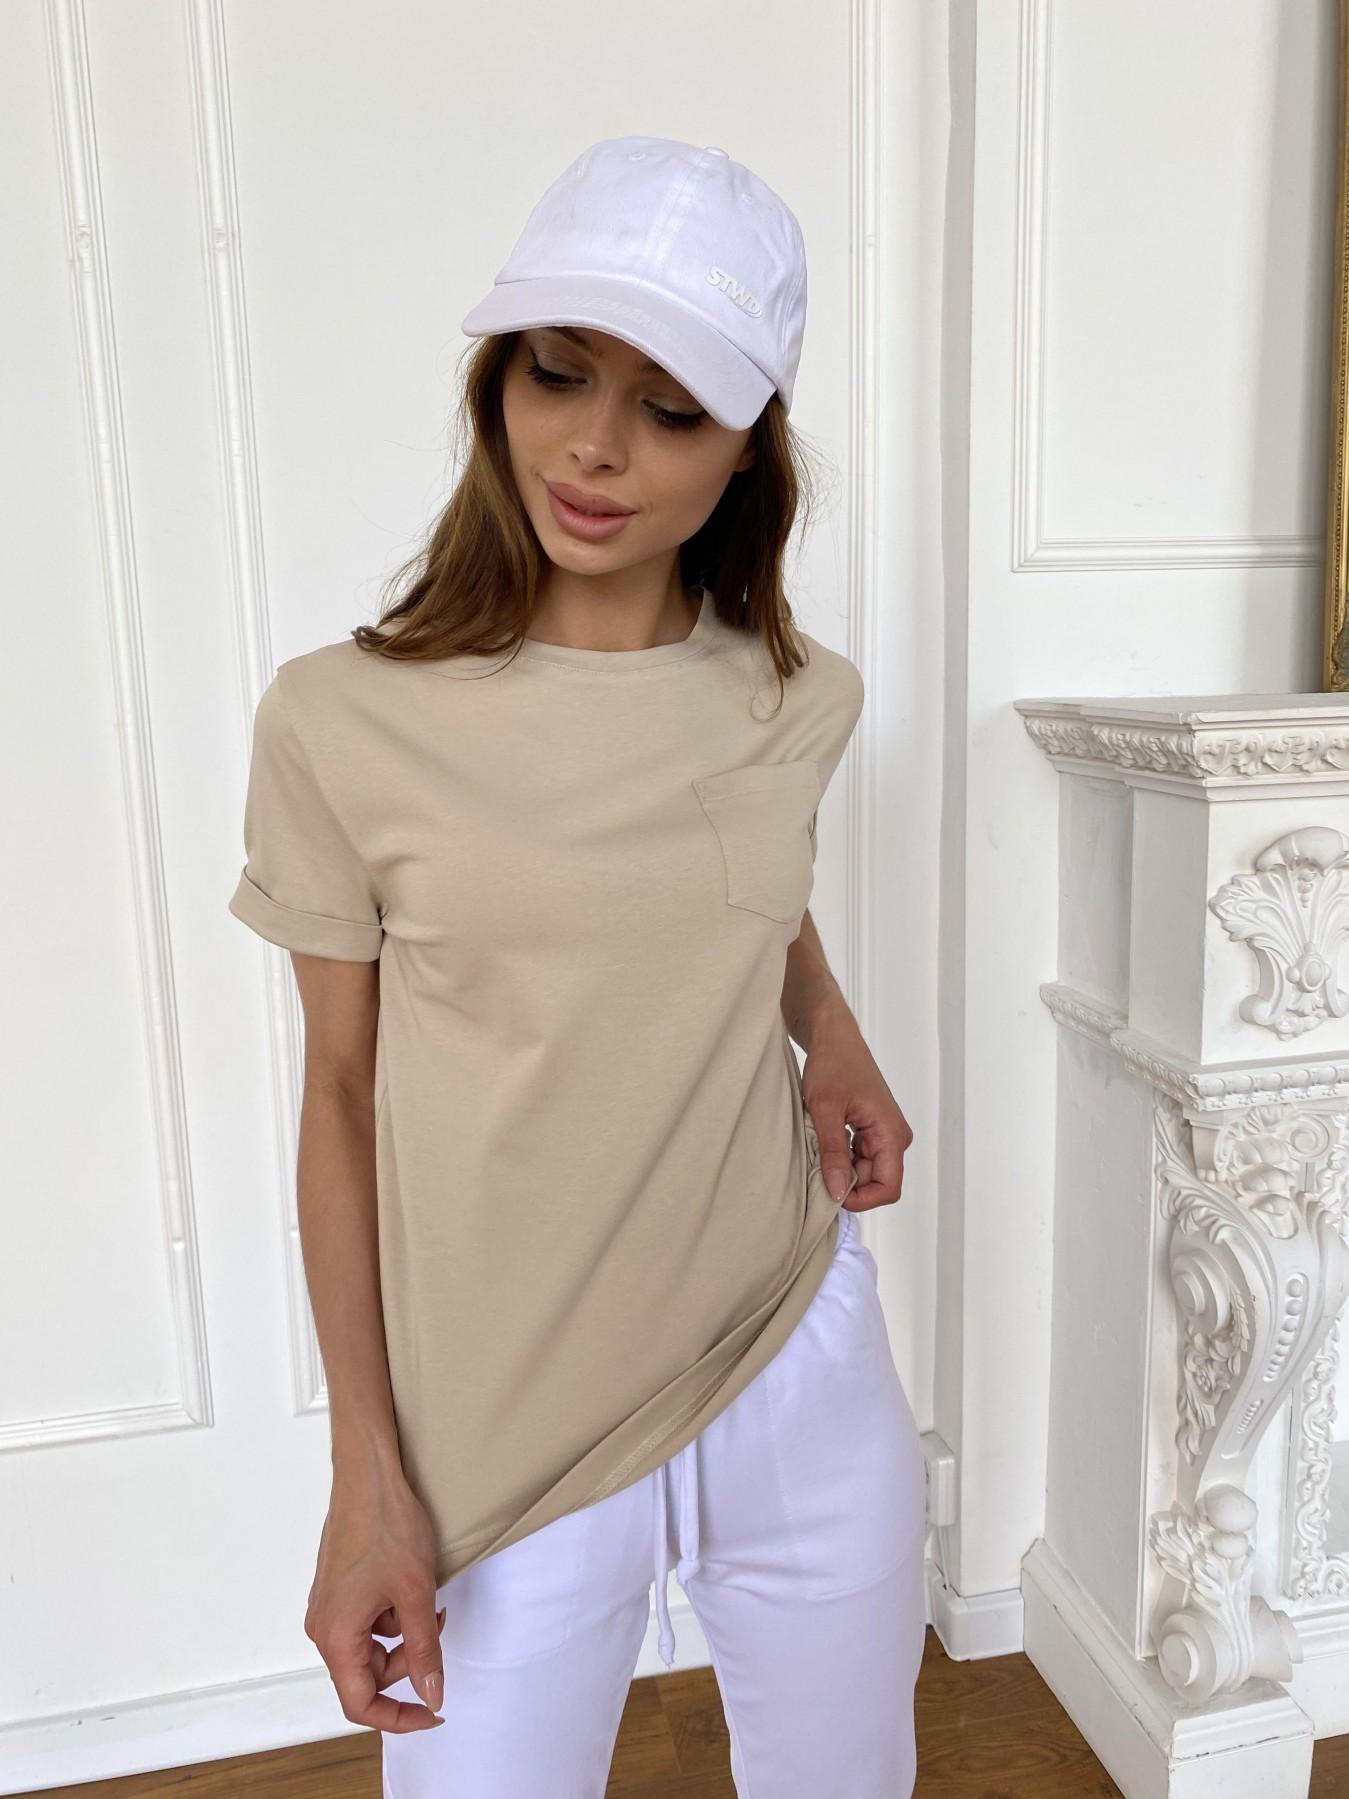 Вуди футболка из вискозы 11224 АРТ. 47877 Цвет: Бежевый - фото 6, интернет магазин tm-modus.ru